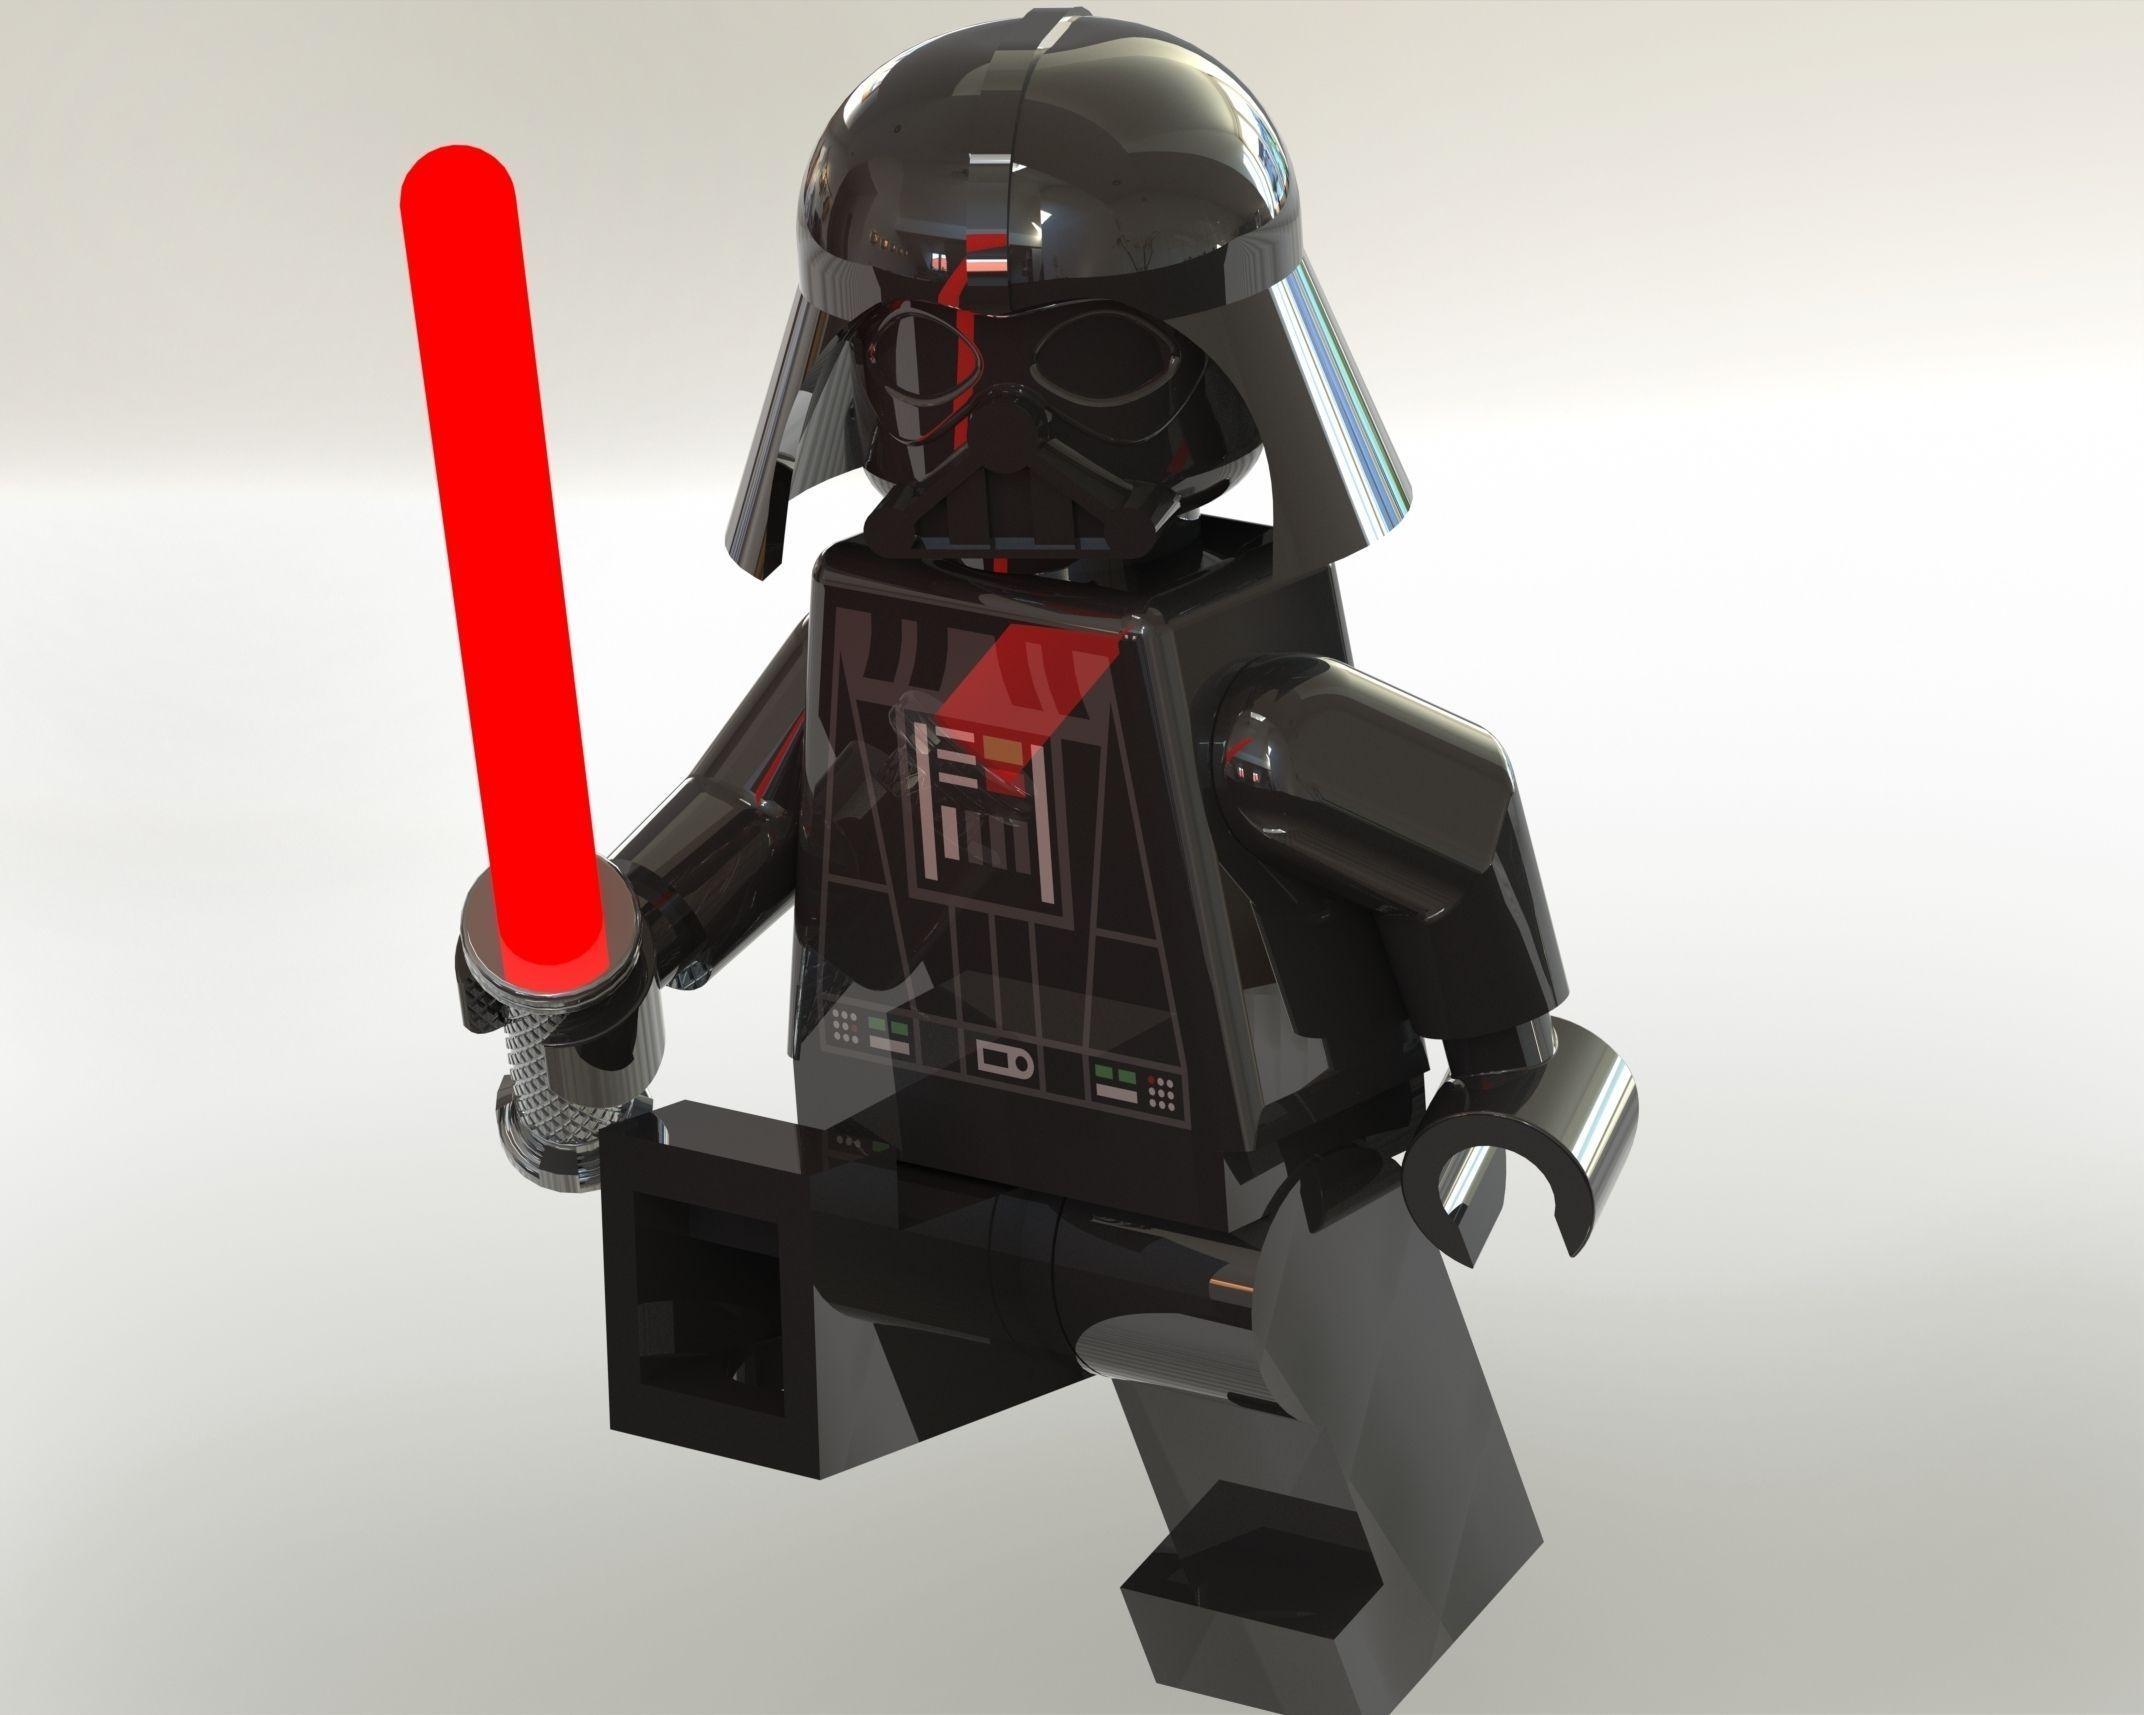 darth vader lego minifigure 3d model sldprt sldasm